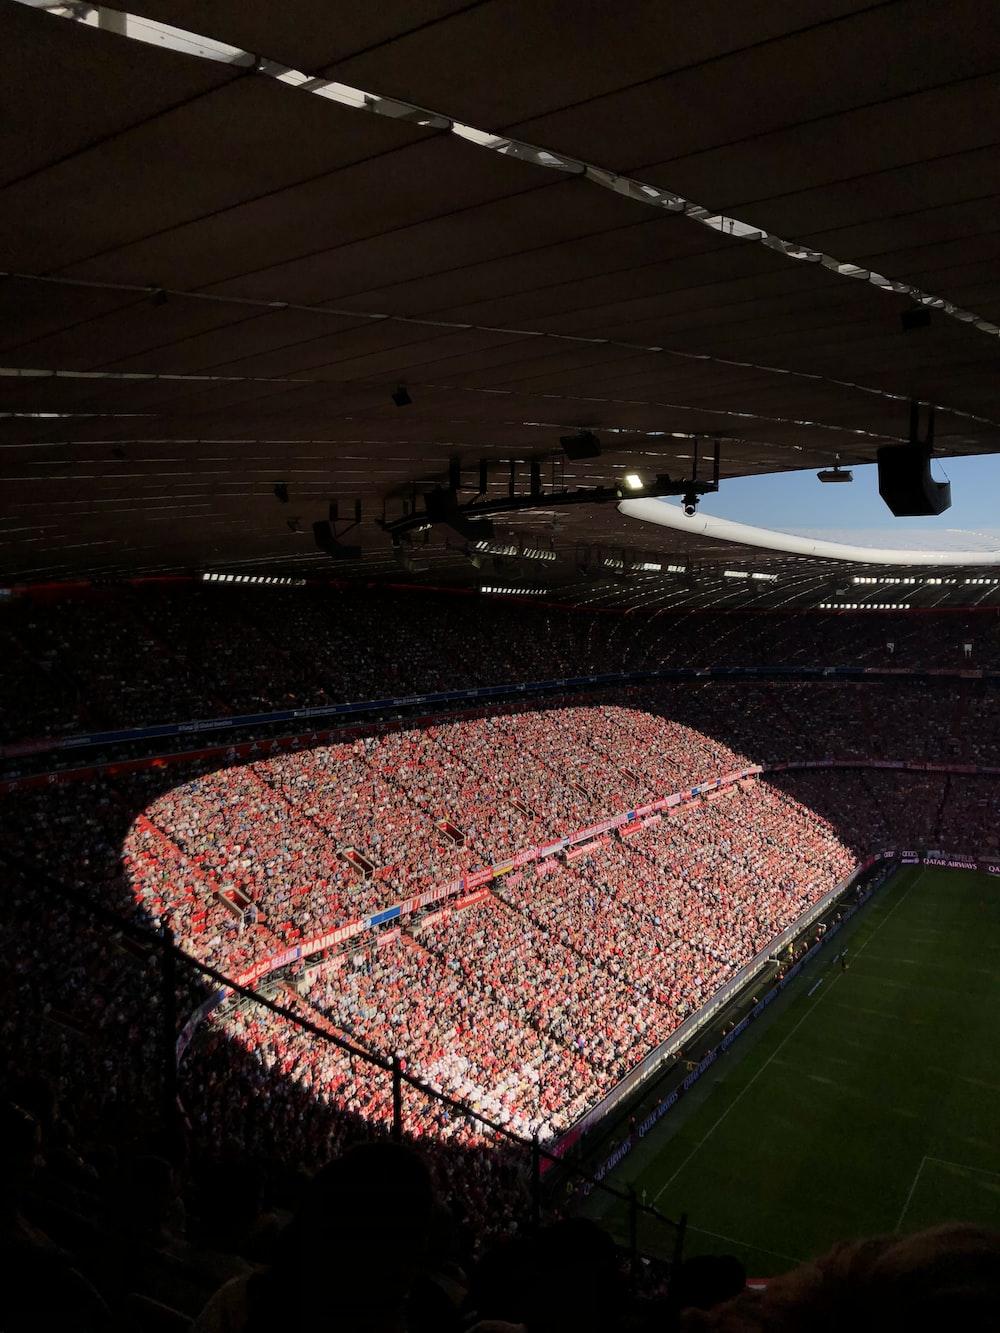 people gathering inside stadium during daytime